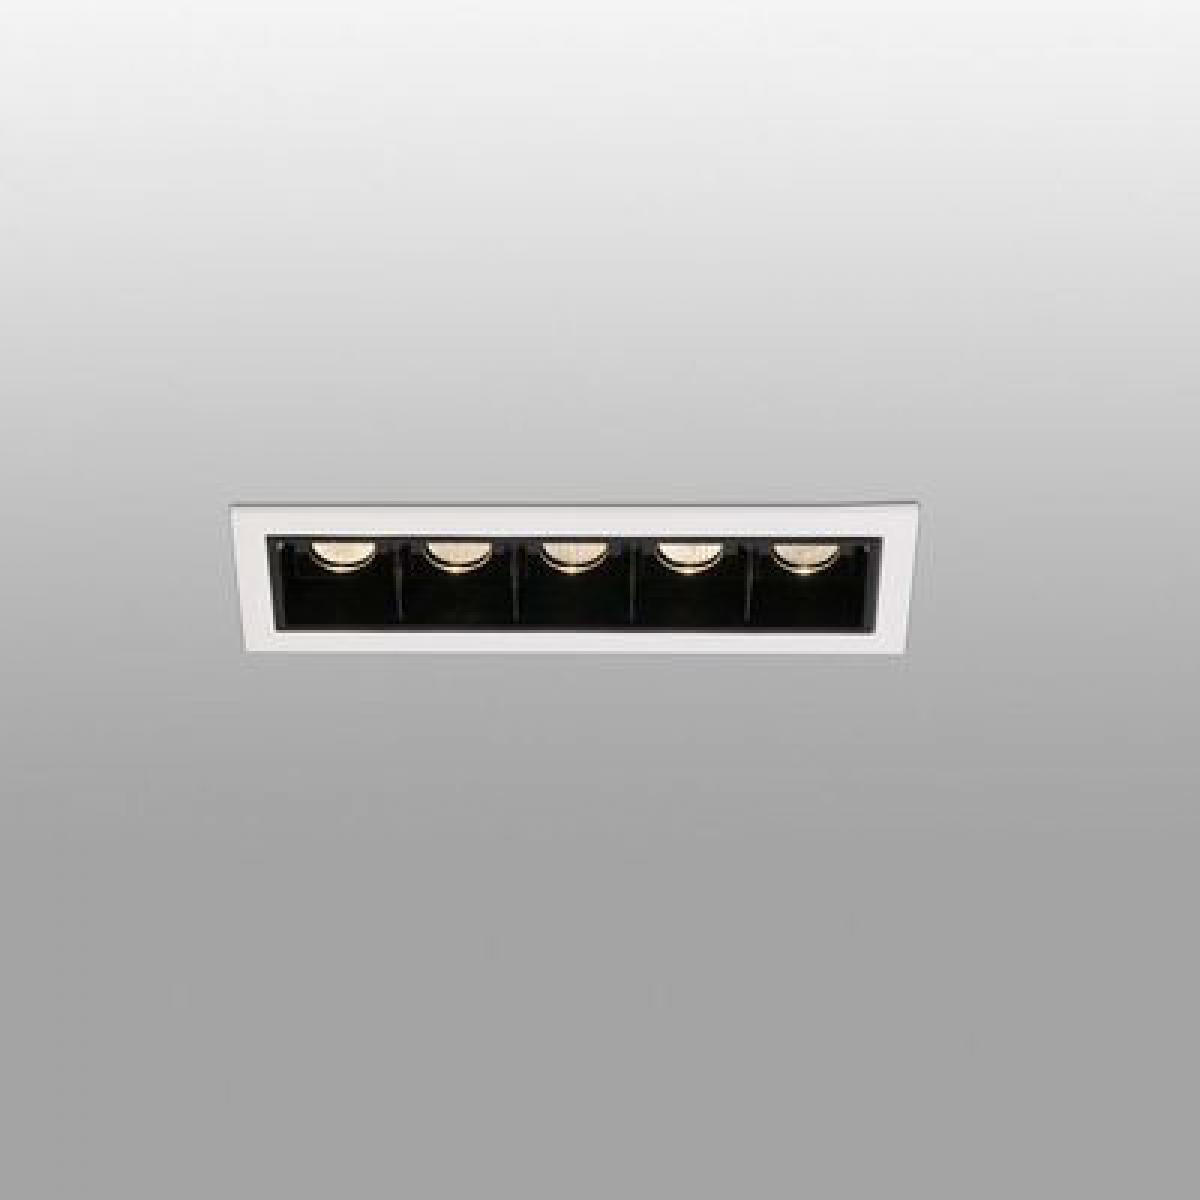 Faro Encastrable Troop Blanc 5x2W LED